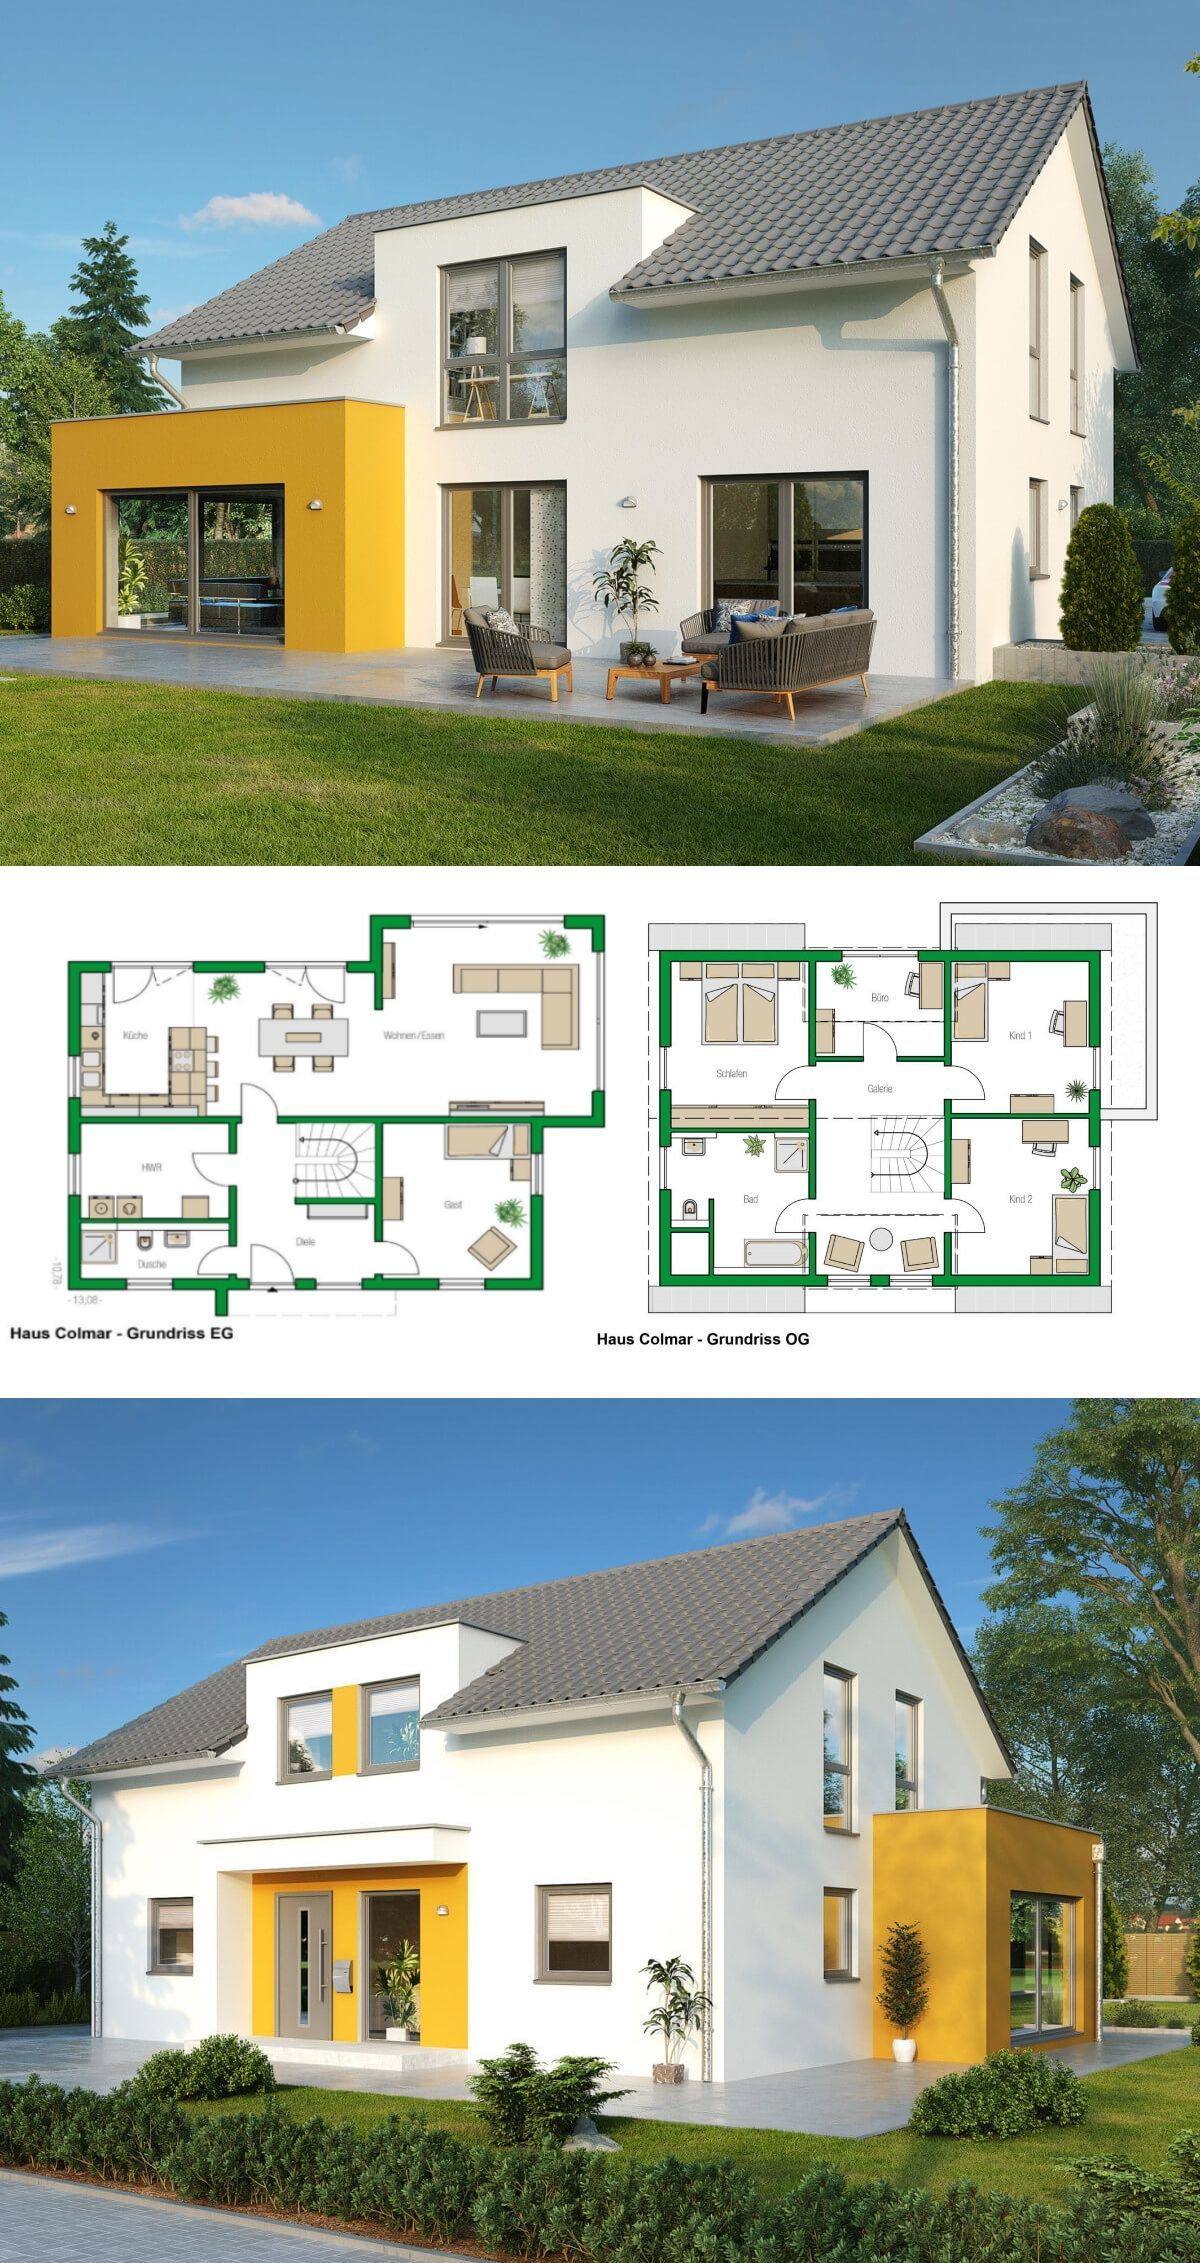 Einfamilienhaus Architektur modern mit Satteldach, Erker Anbau ...